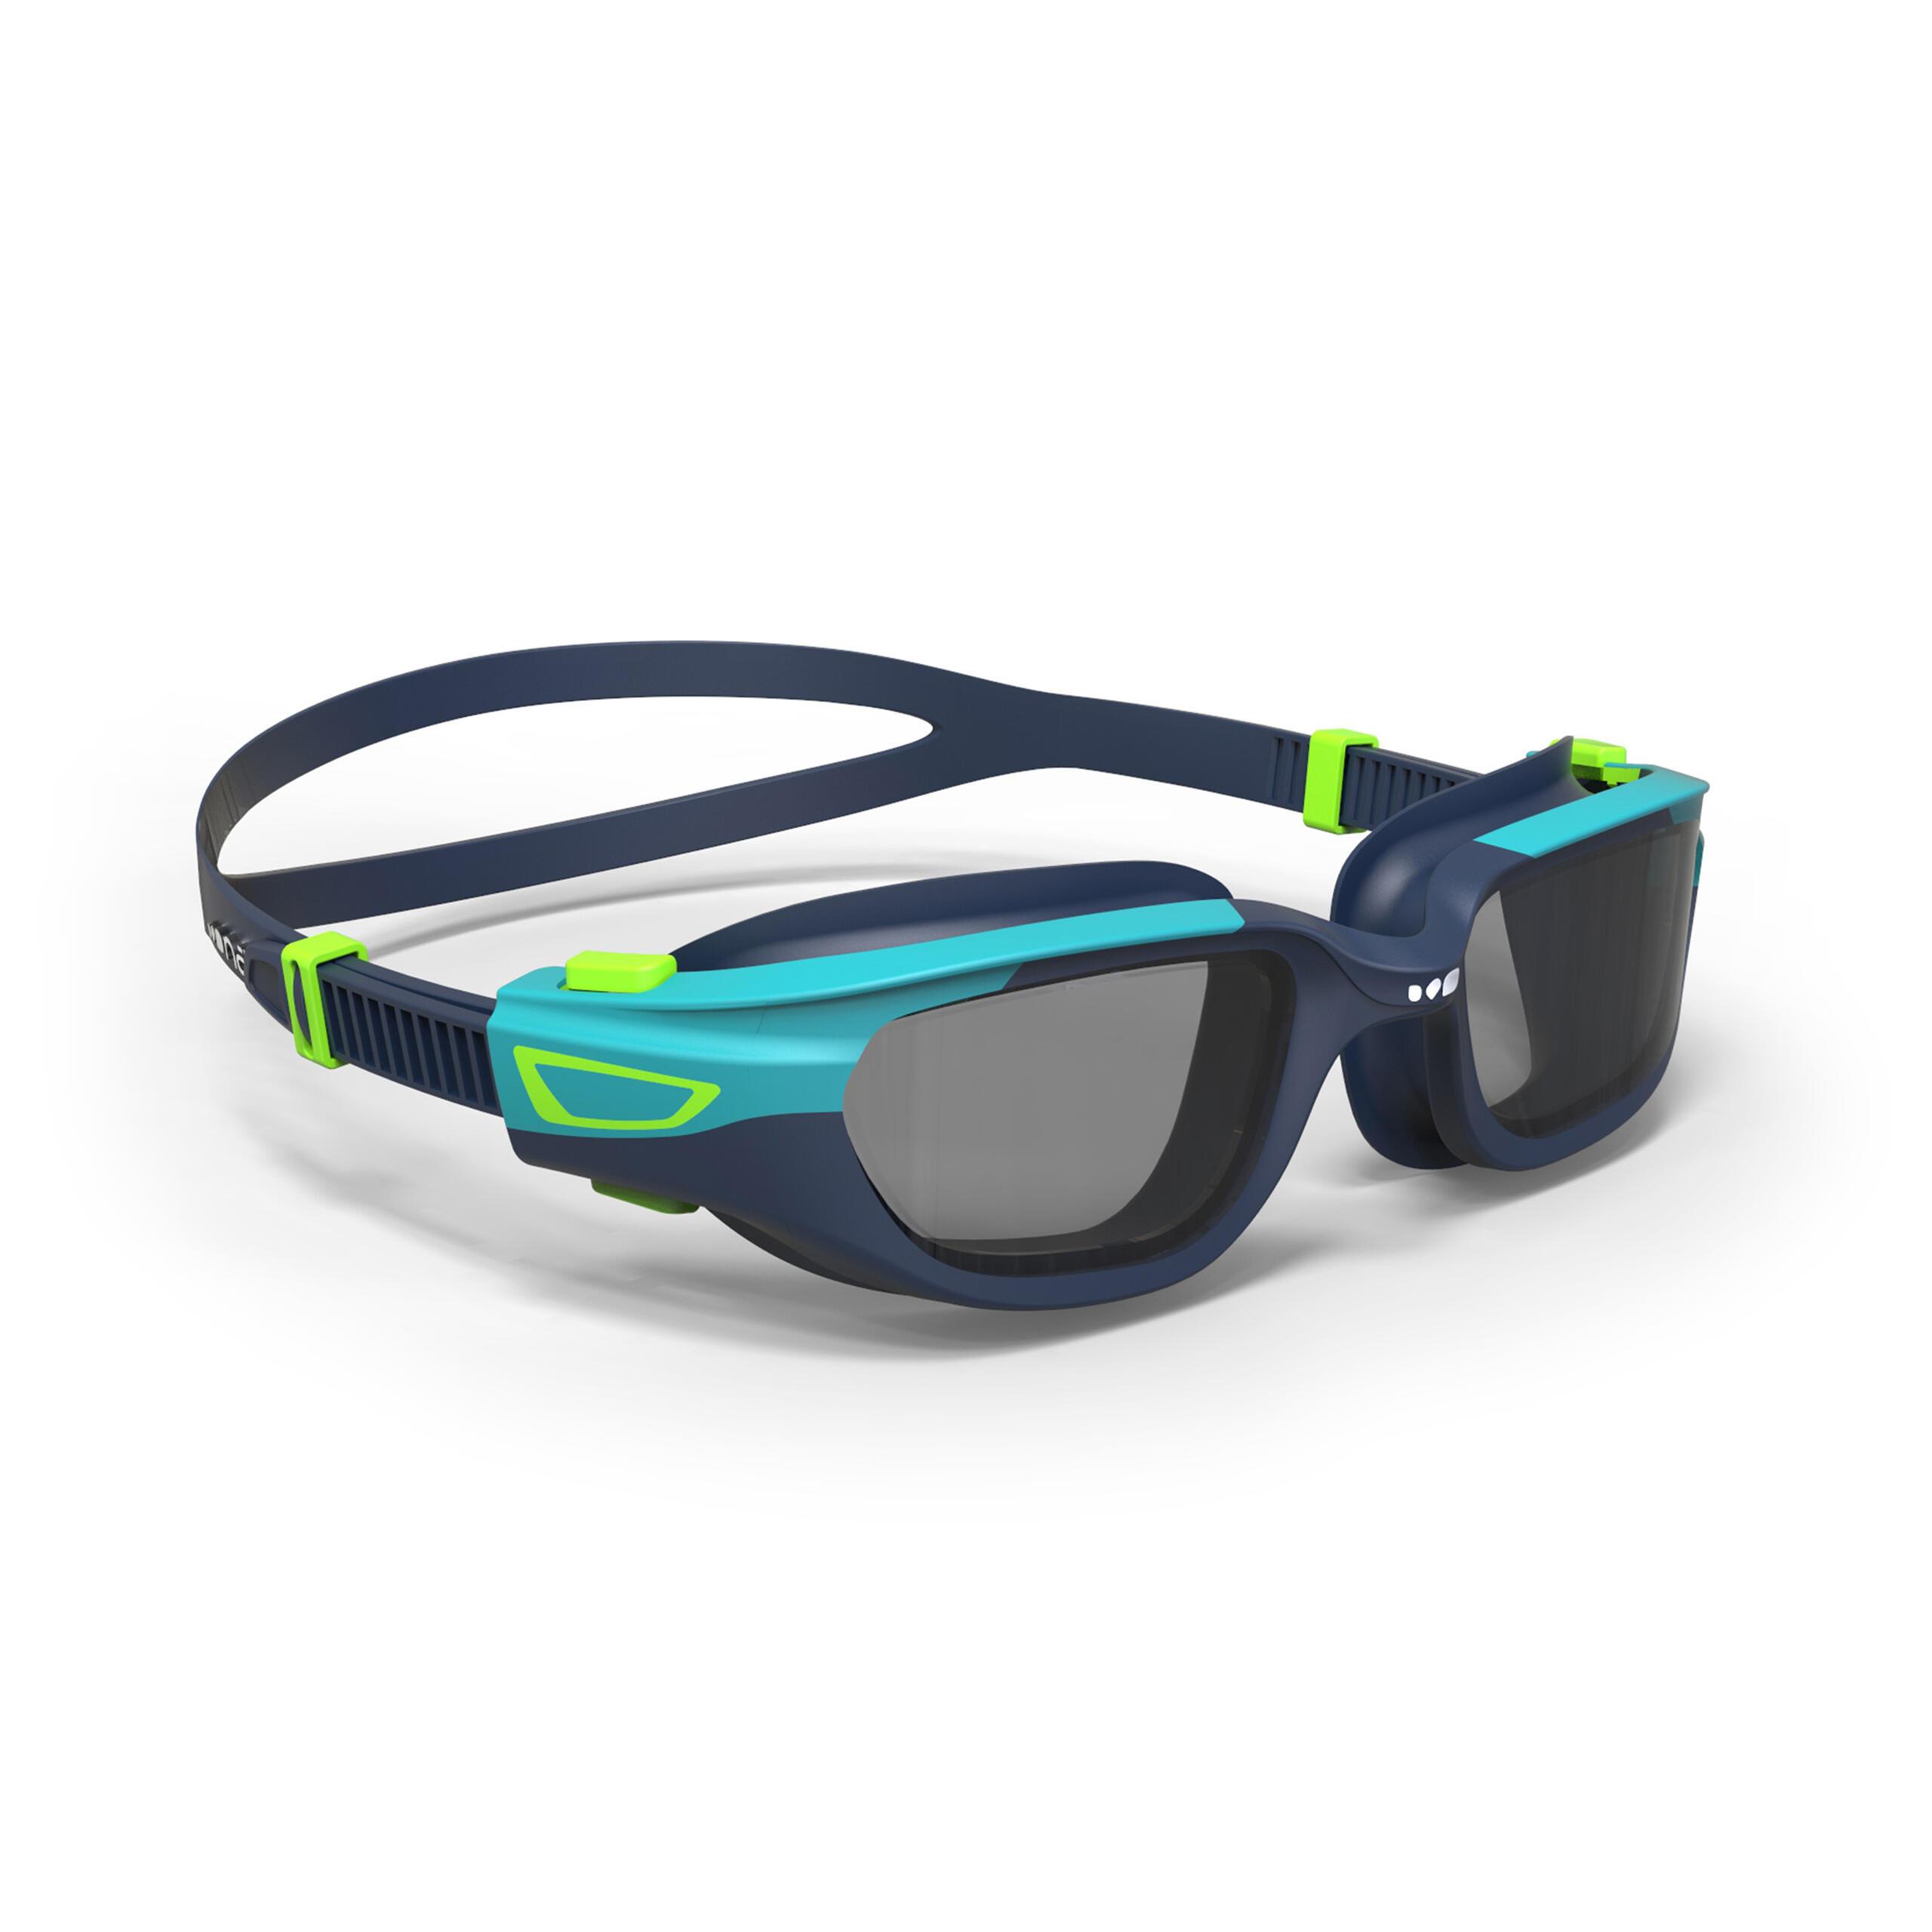 3a0e5dd90b Comprar Gafas de Natación Online | Decathlon